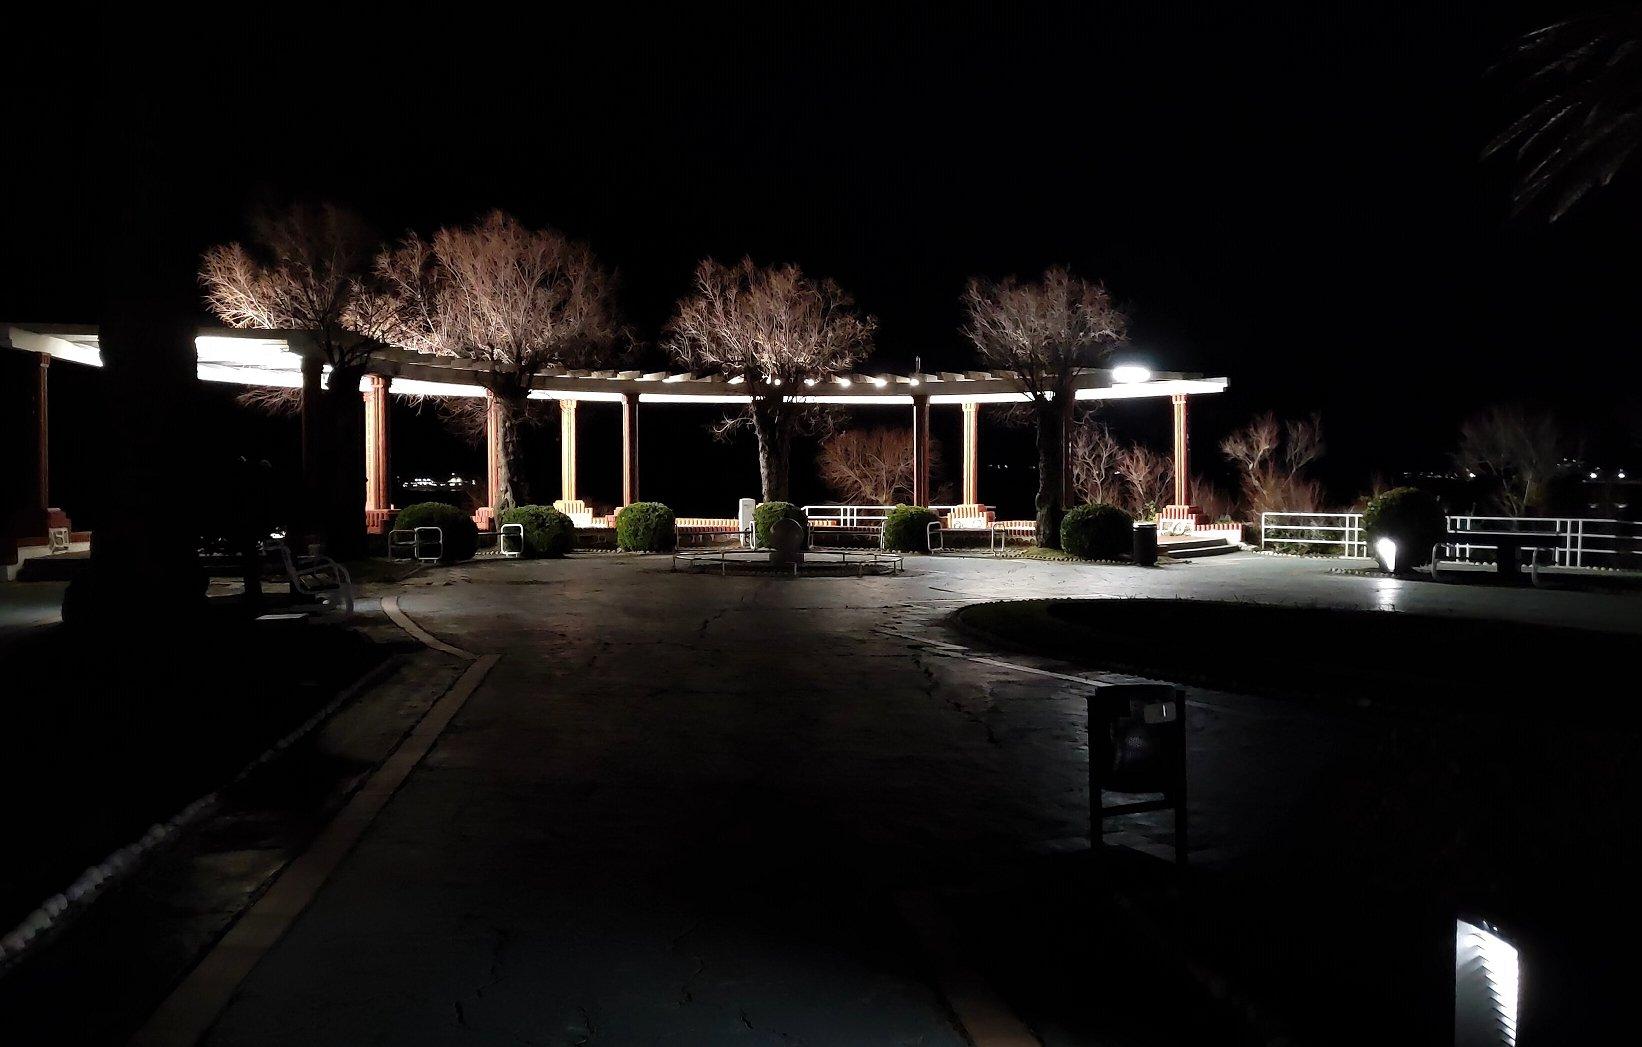 Снимок в ночное время